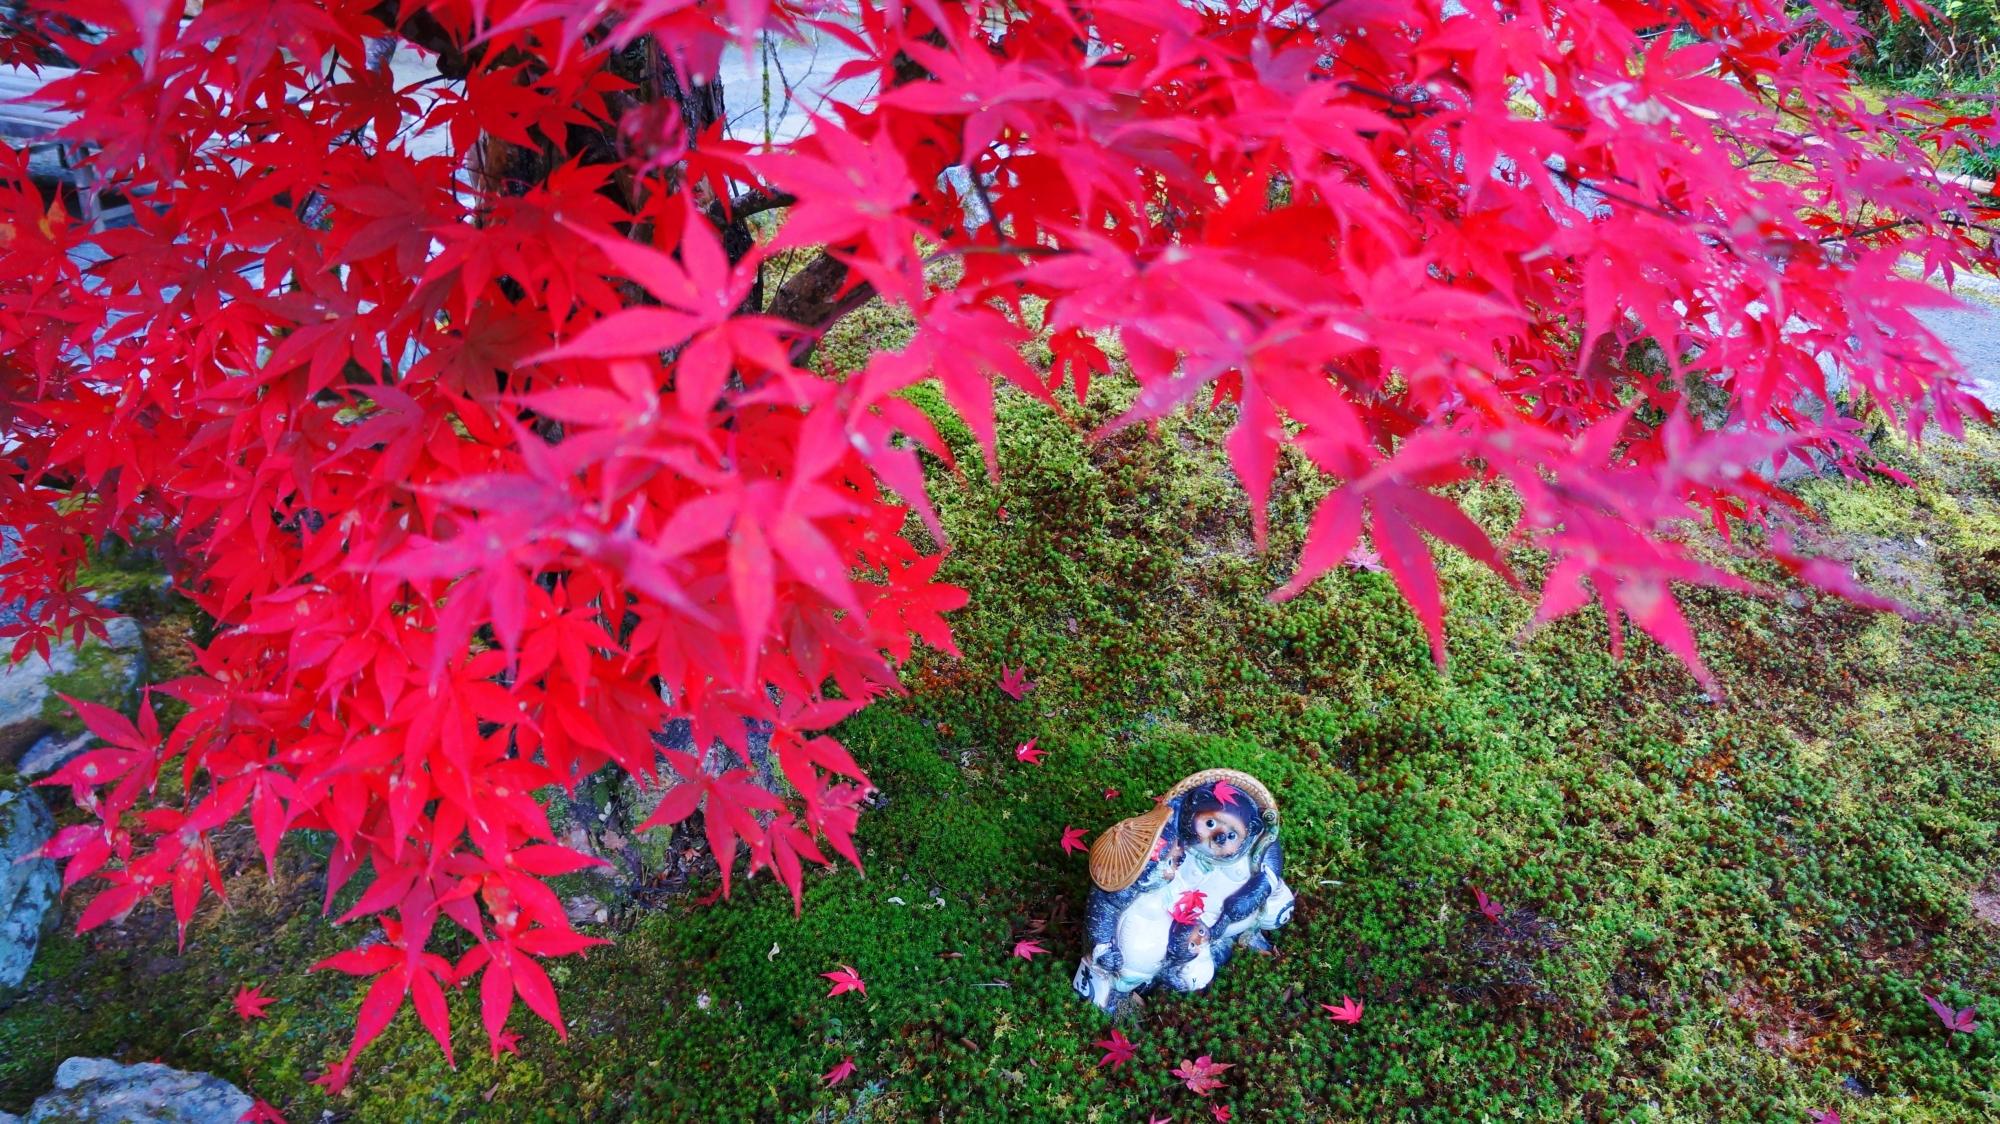 最勝院の素晴らしい紅葉やたぬきさんと秋色の情景